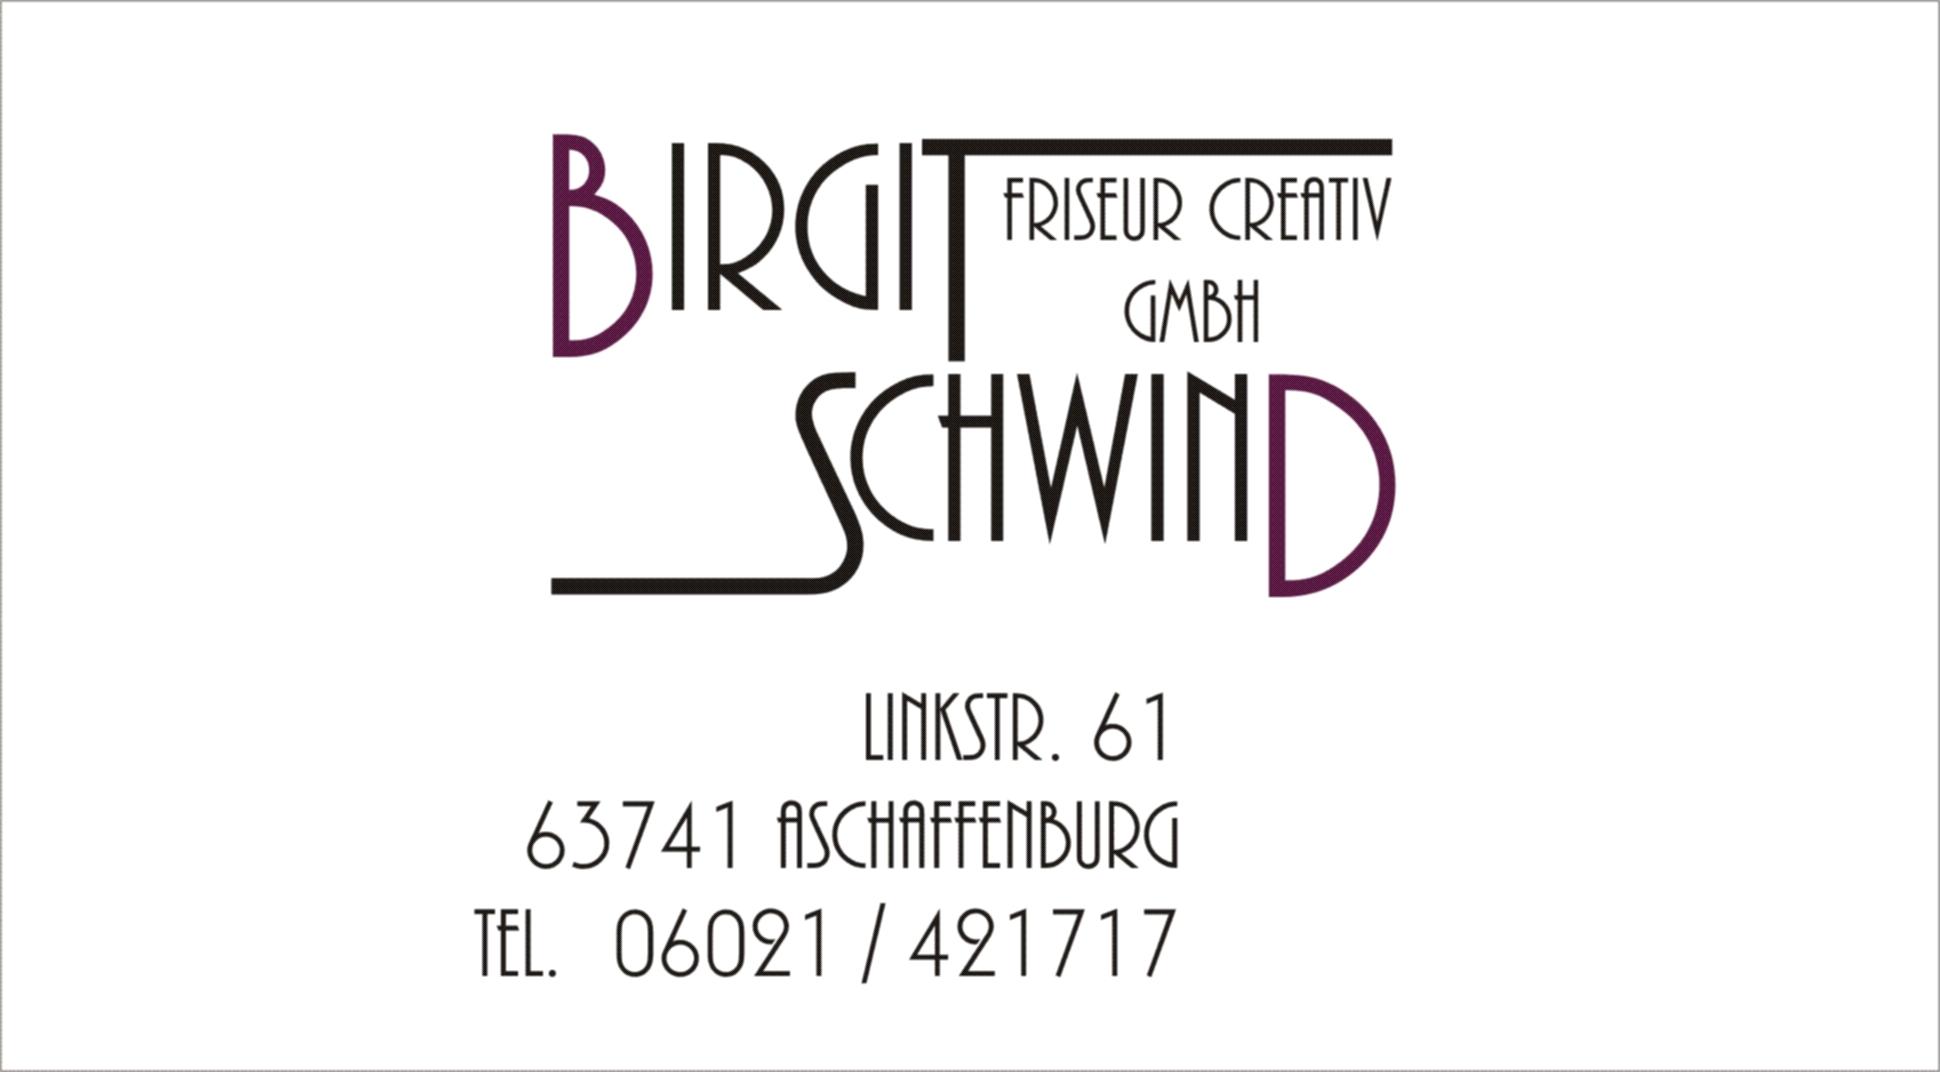 Birgit Schwind Friseur Creativ GmbH